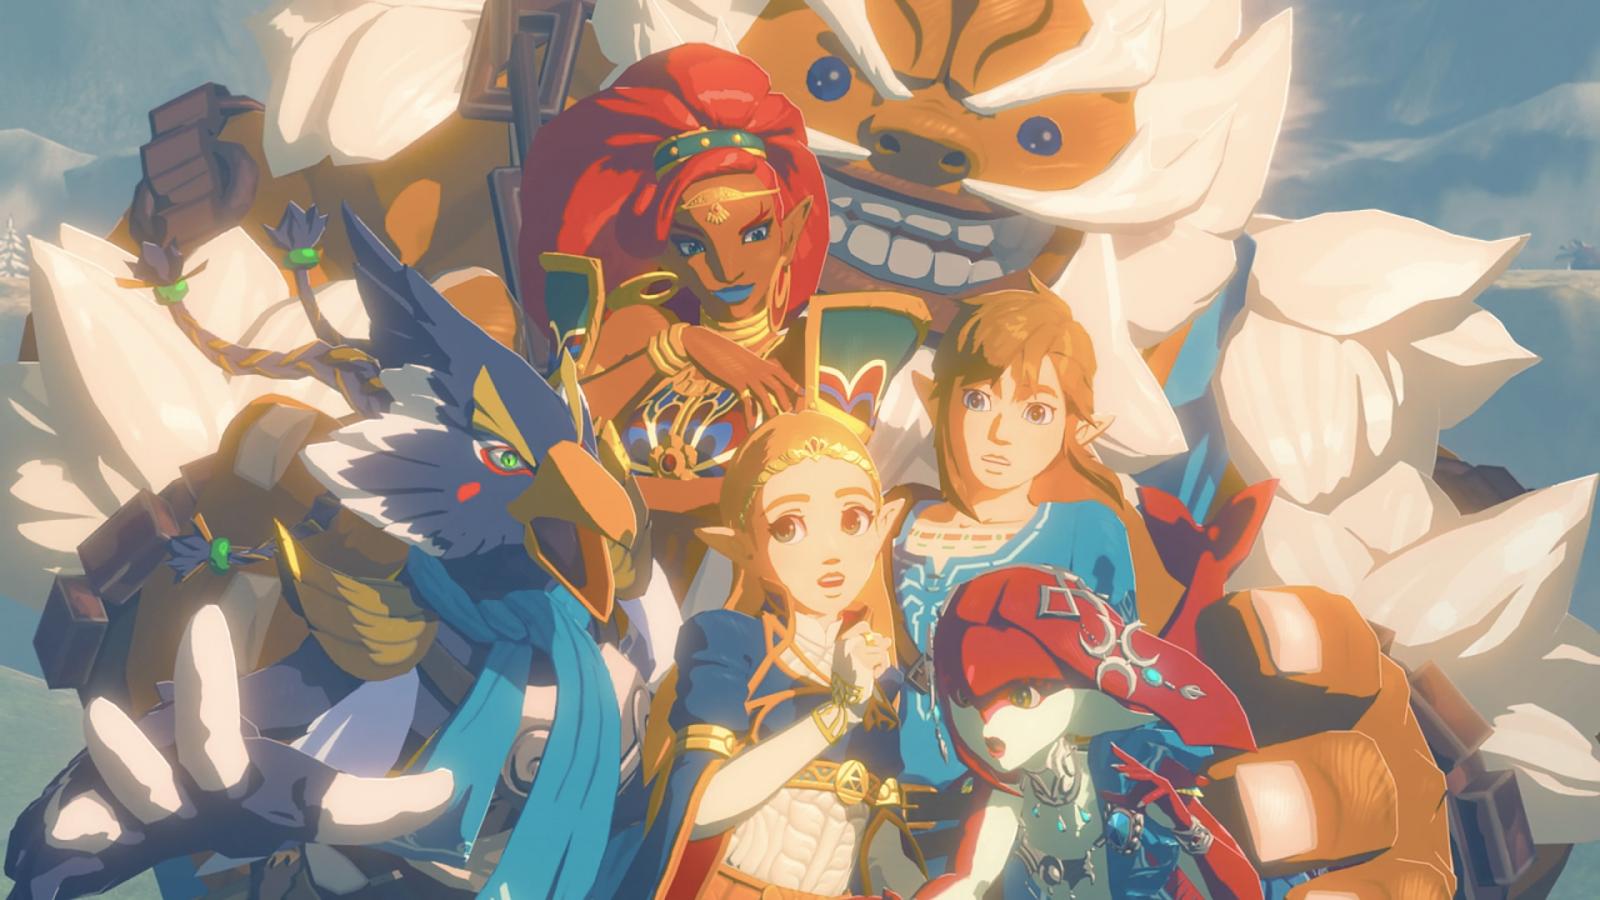 Wallpaper Botw The Legend Of Zelda Breath Of The Wild The